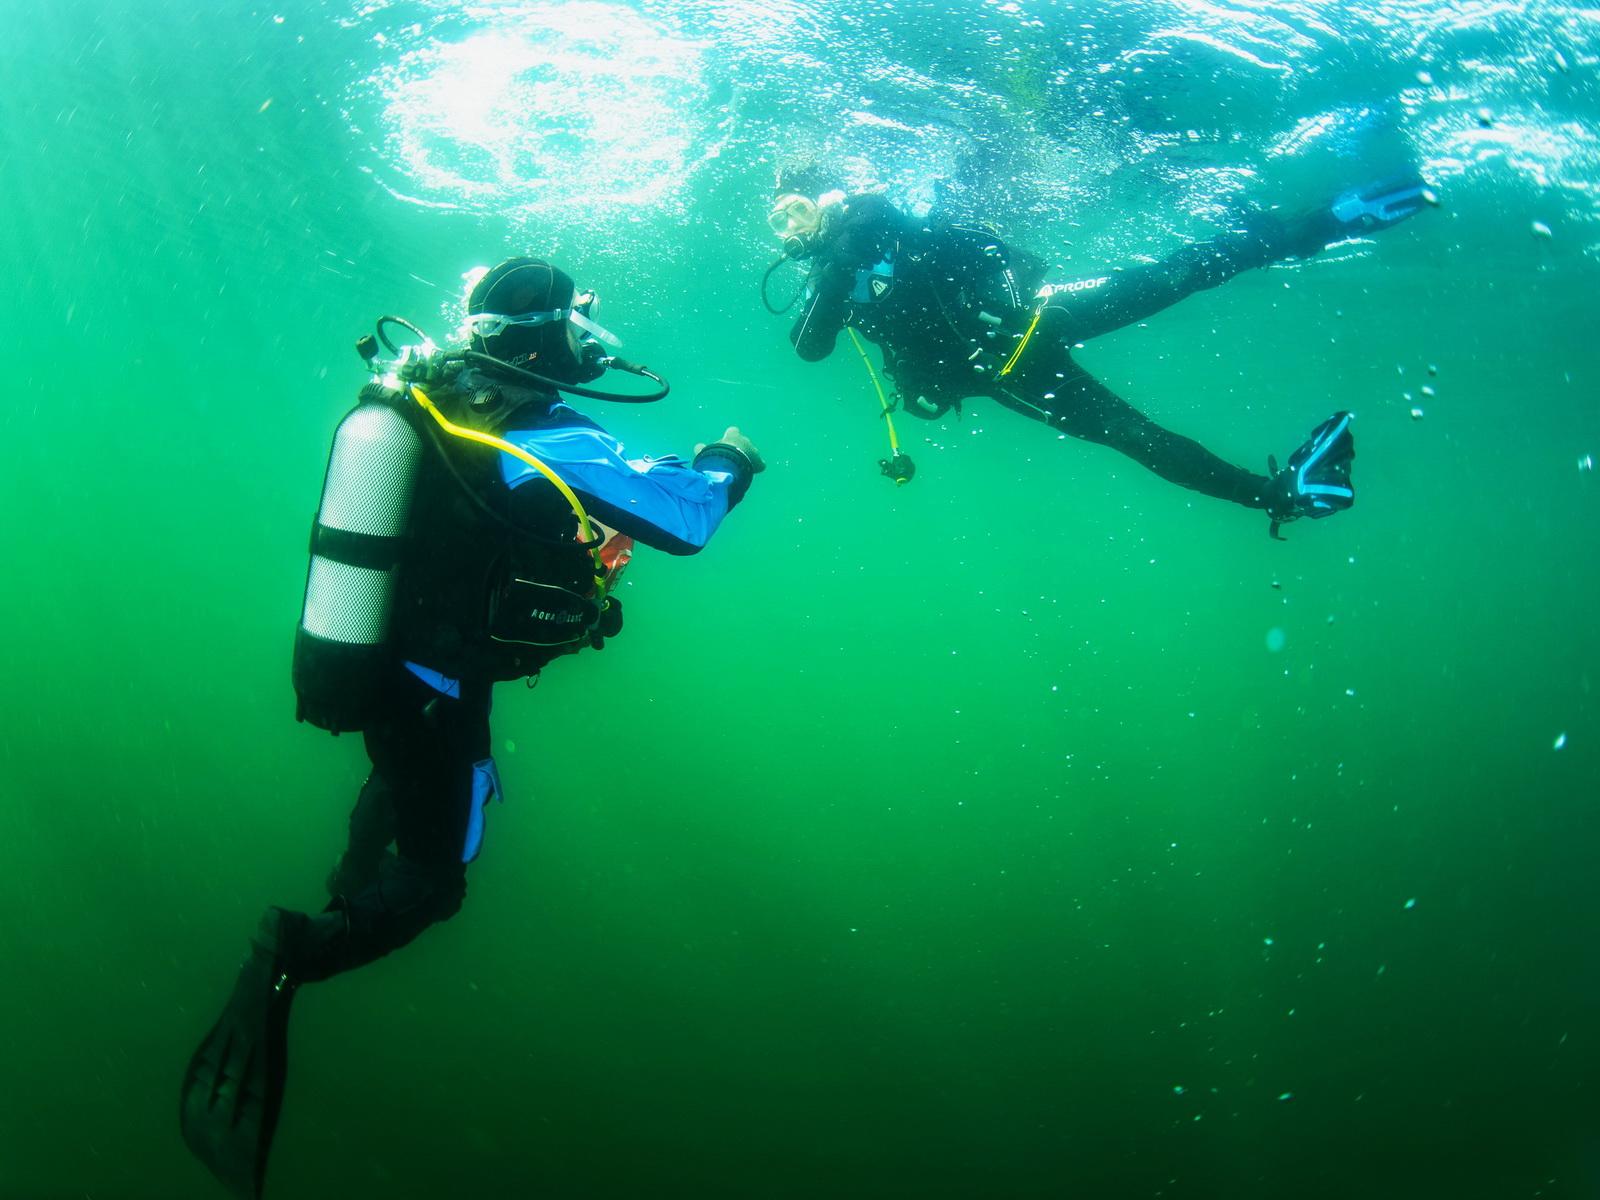 Abtauchen beim PADI Open Water Diver